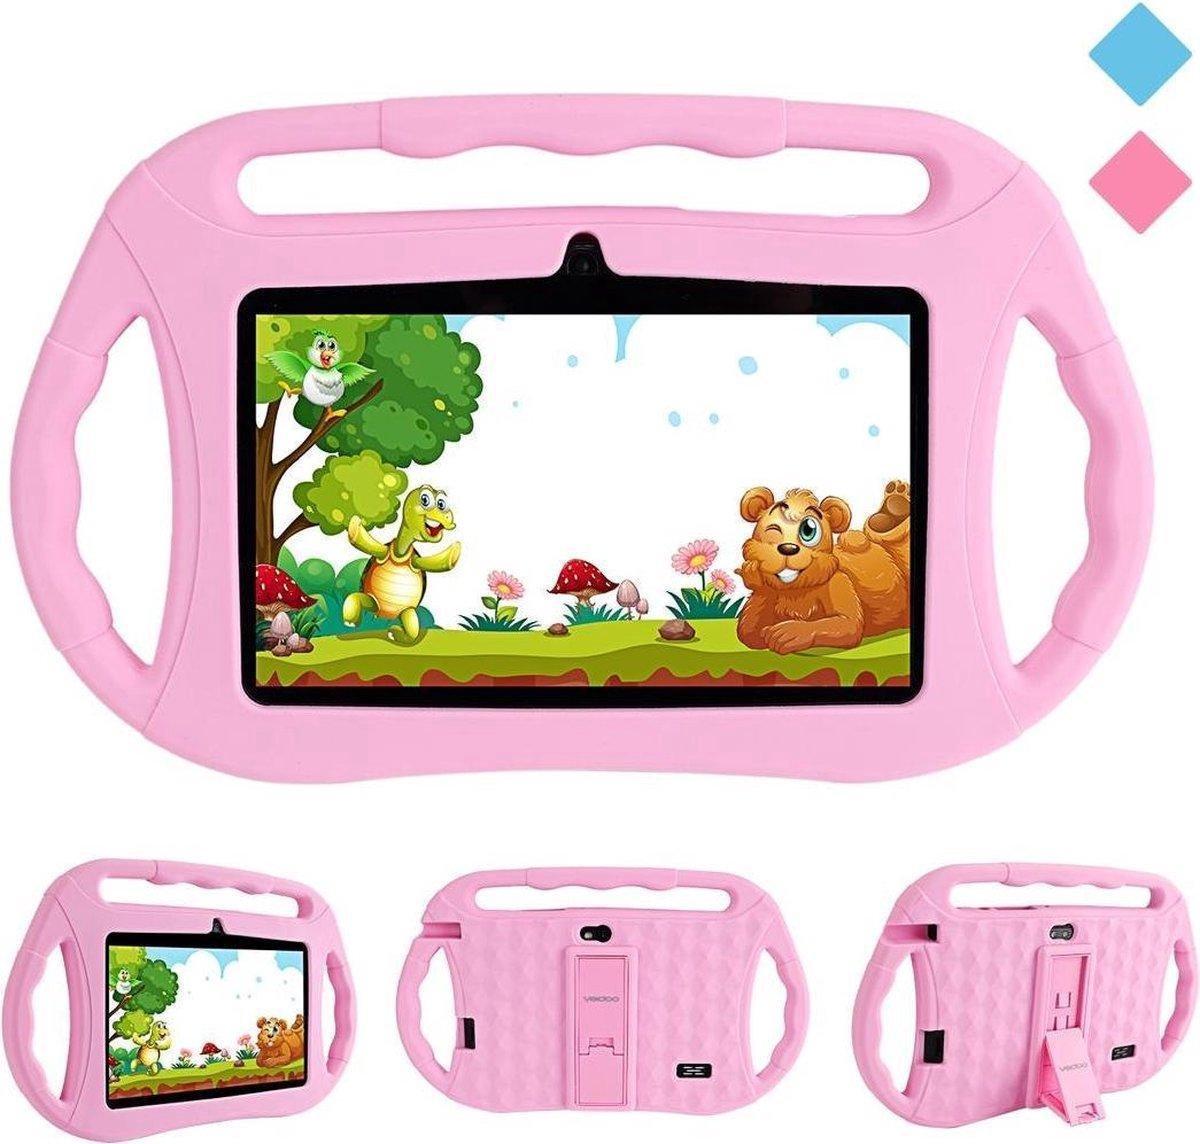 Kindertablet - tablet 7 inch - 16 GB - vanaf 2 jaar - leerzame tablet voor kinderen - Bluetooth - Wifi - spellen - camera - Roze